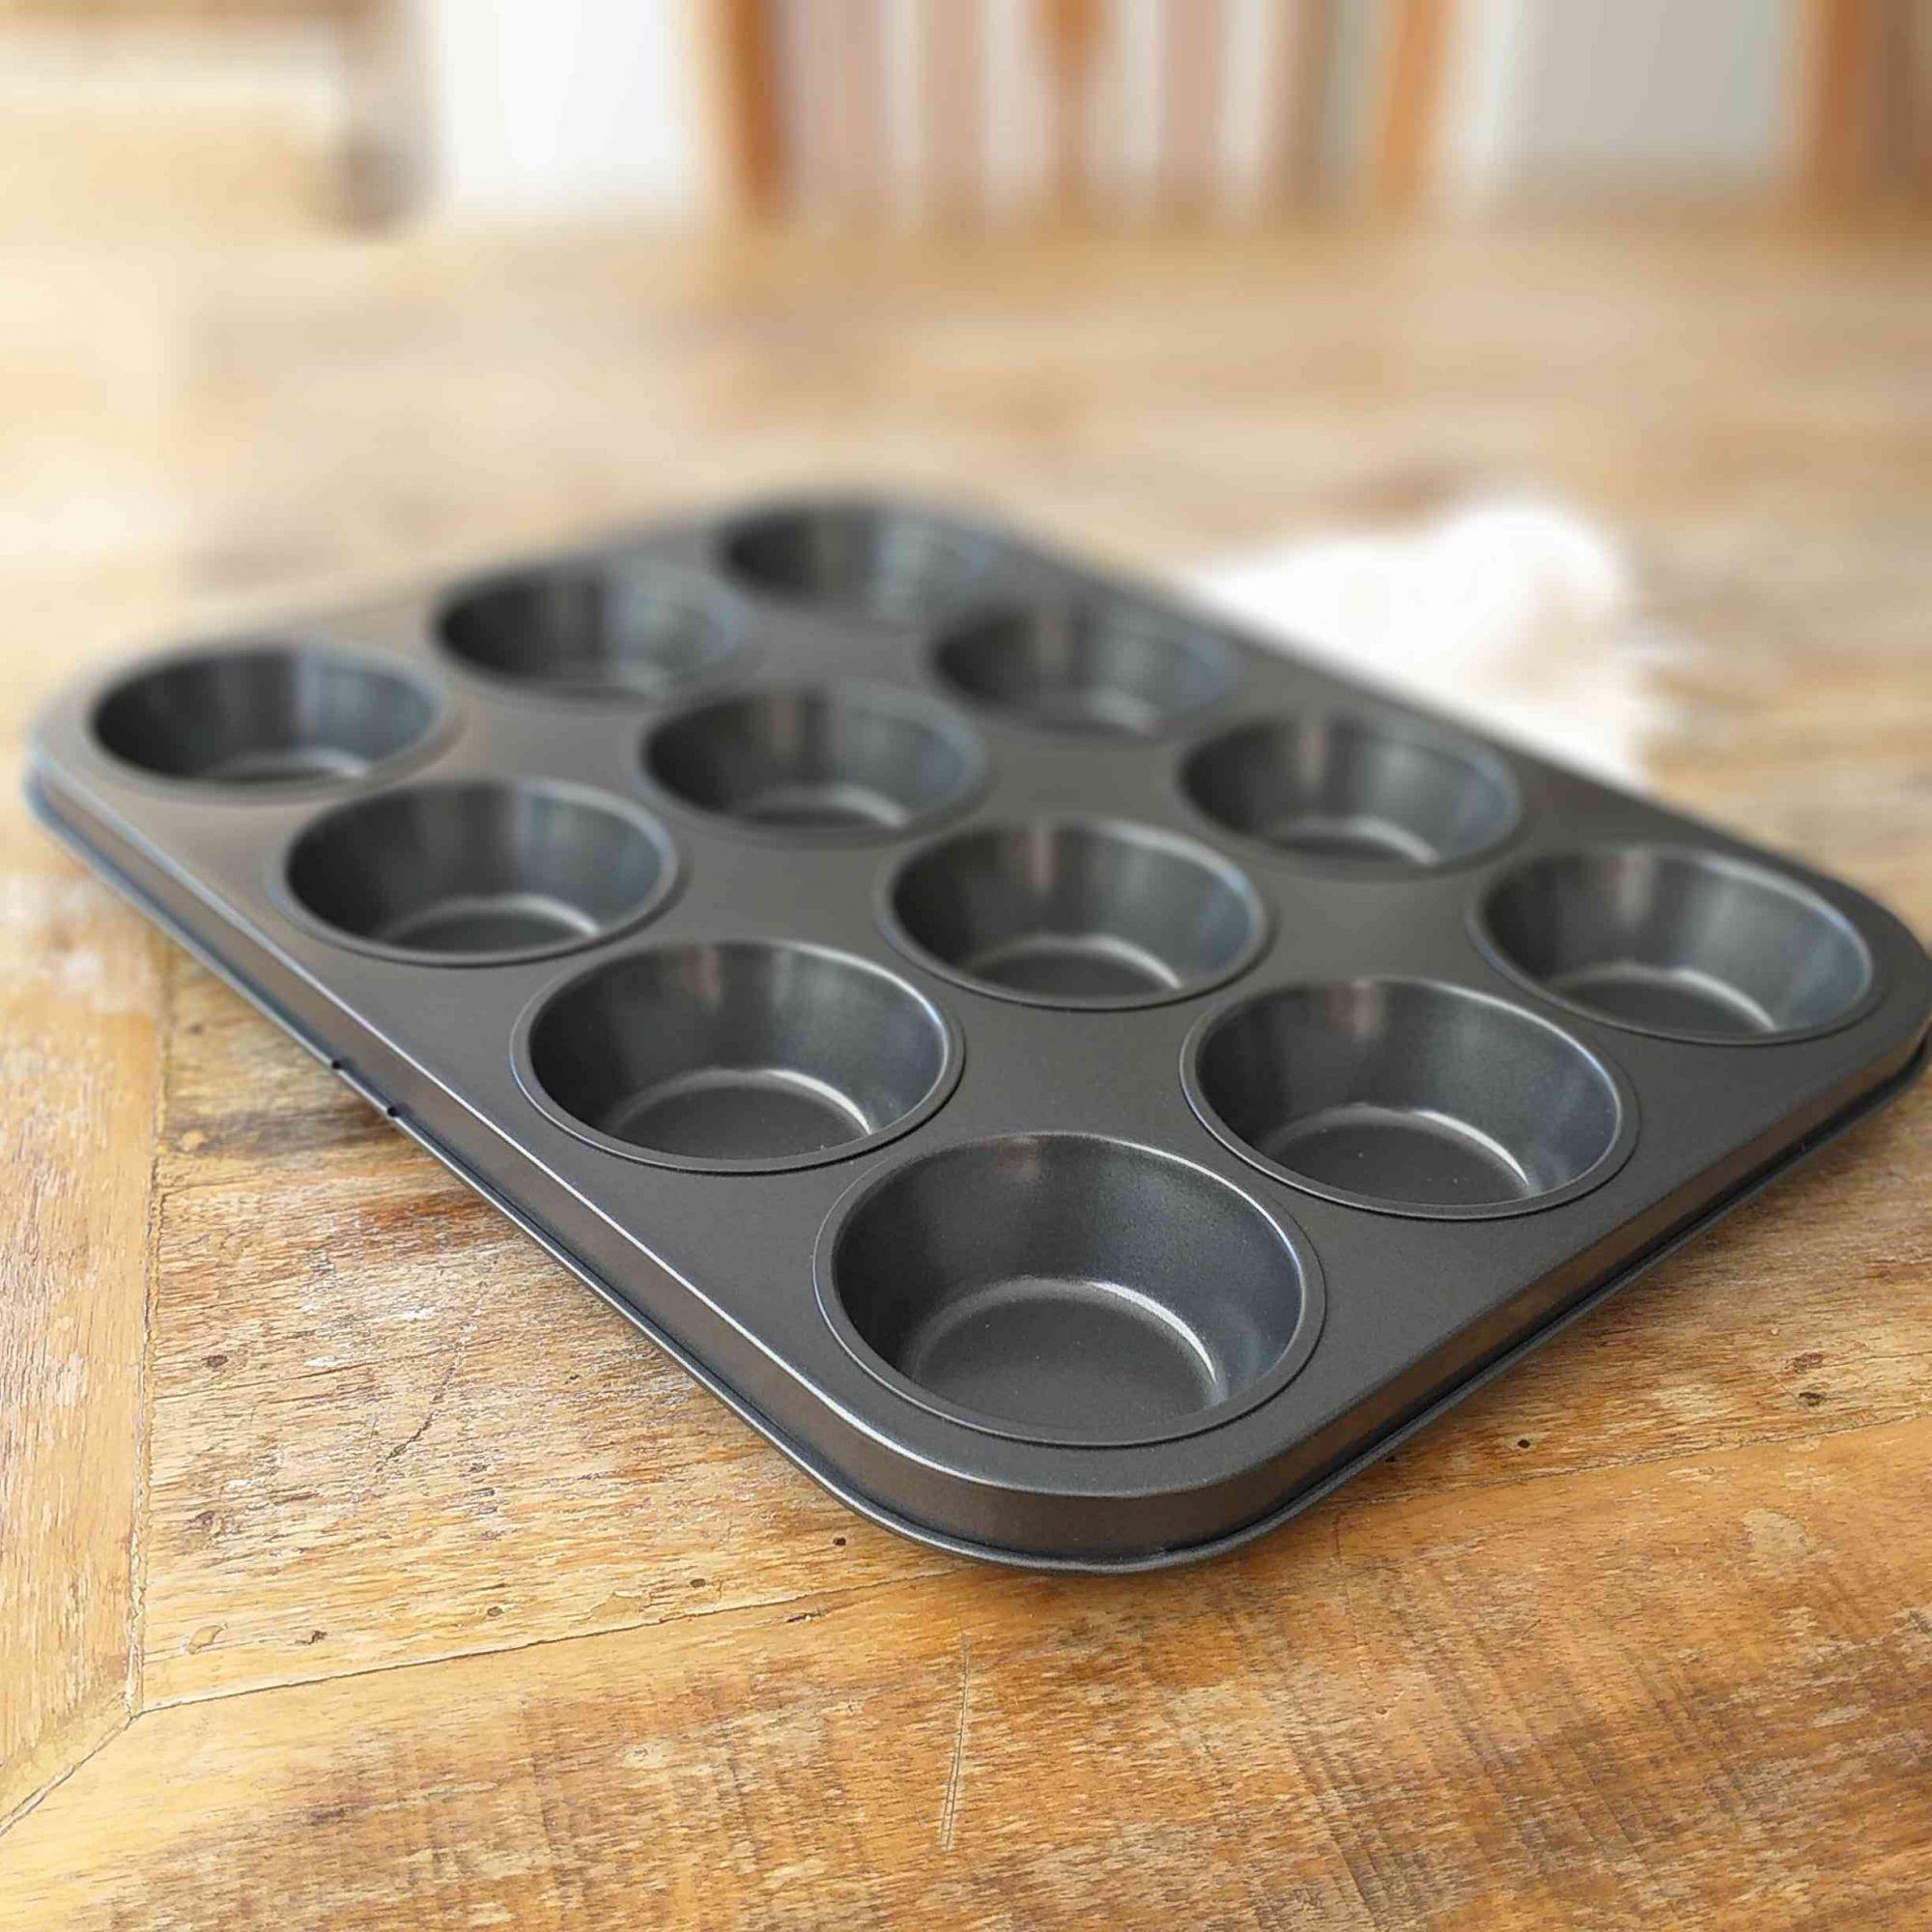 Forma de Bolo 12 Muffins Fackelmann em Metal Antiaderente